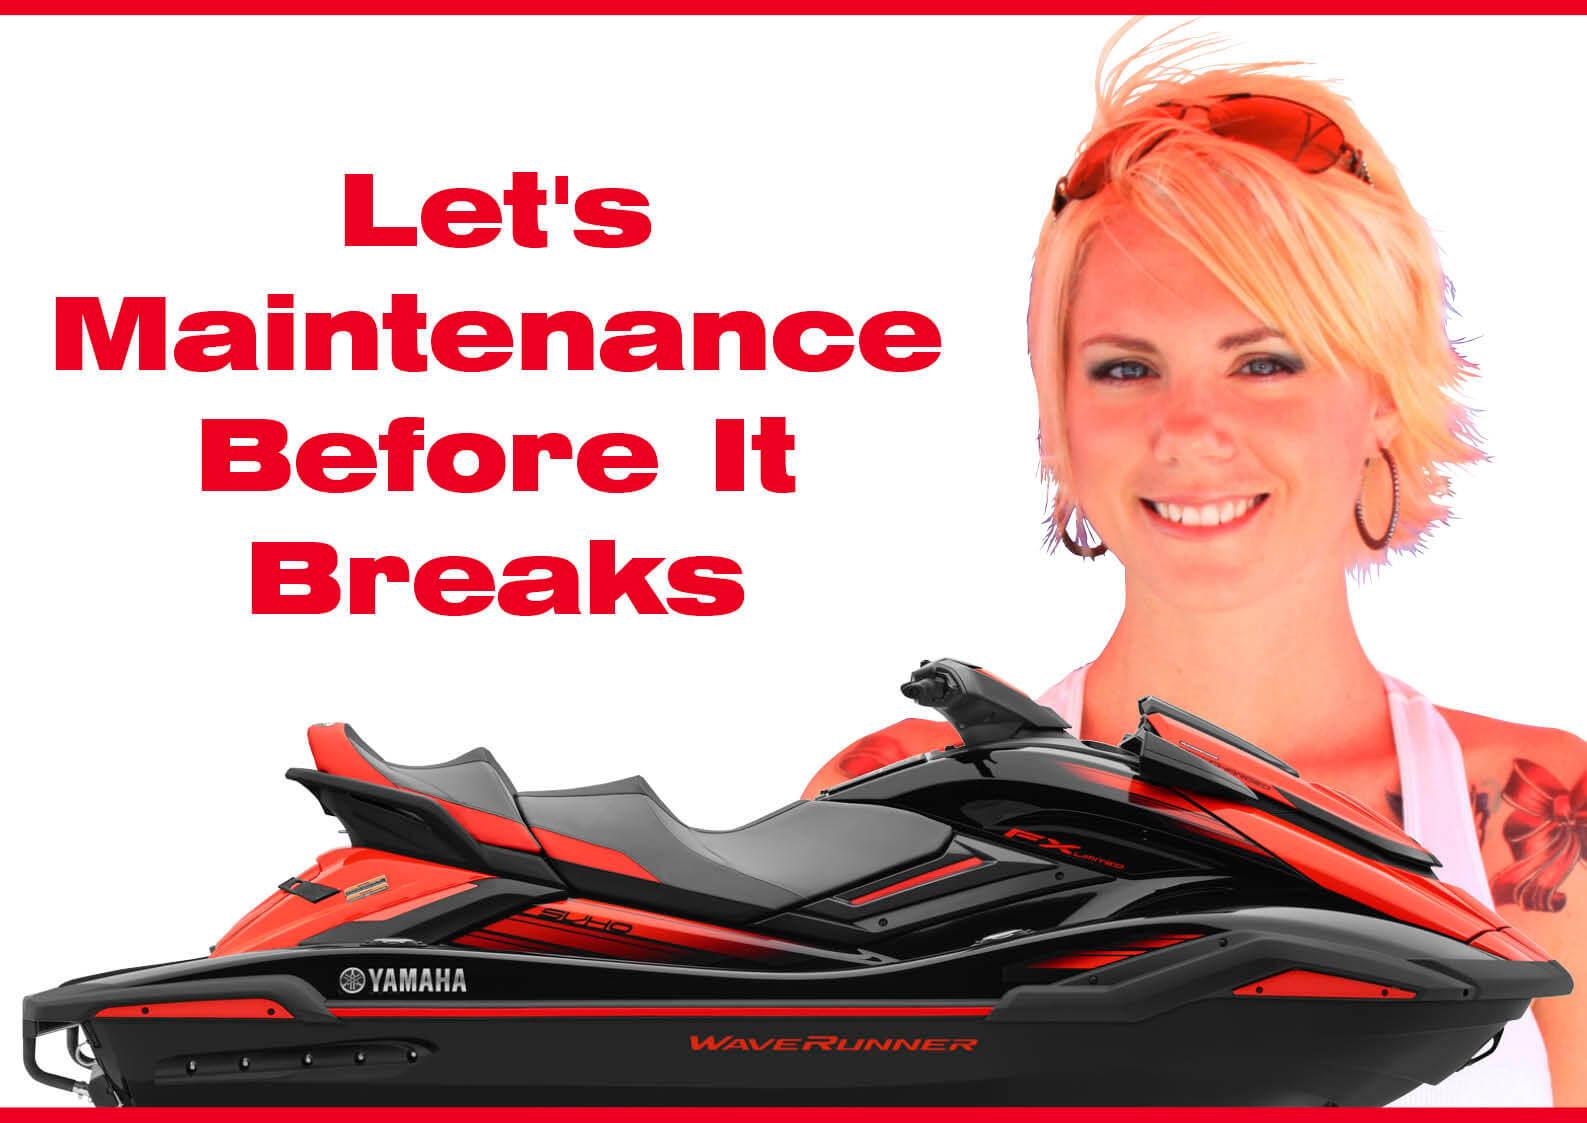 ジェットスキーは壊れてから修理に出すと高い。壊れる前にメンテナンスをしておこう (水上バイク)